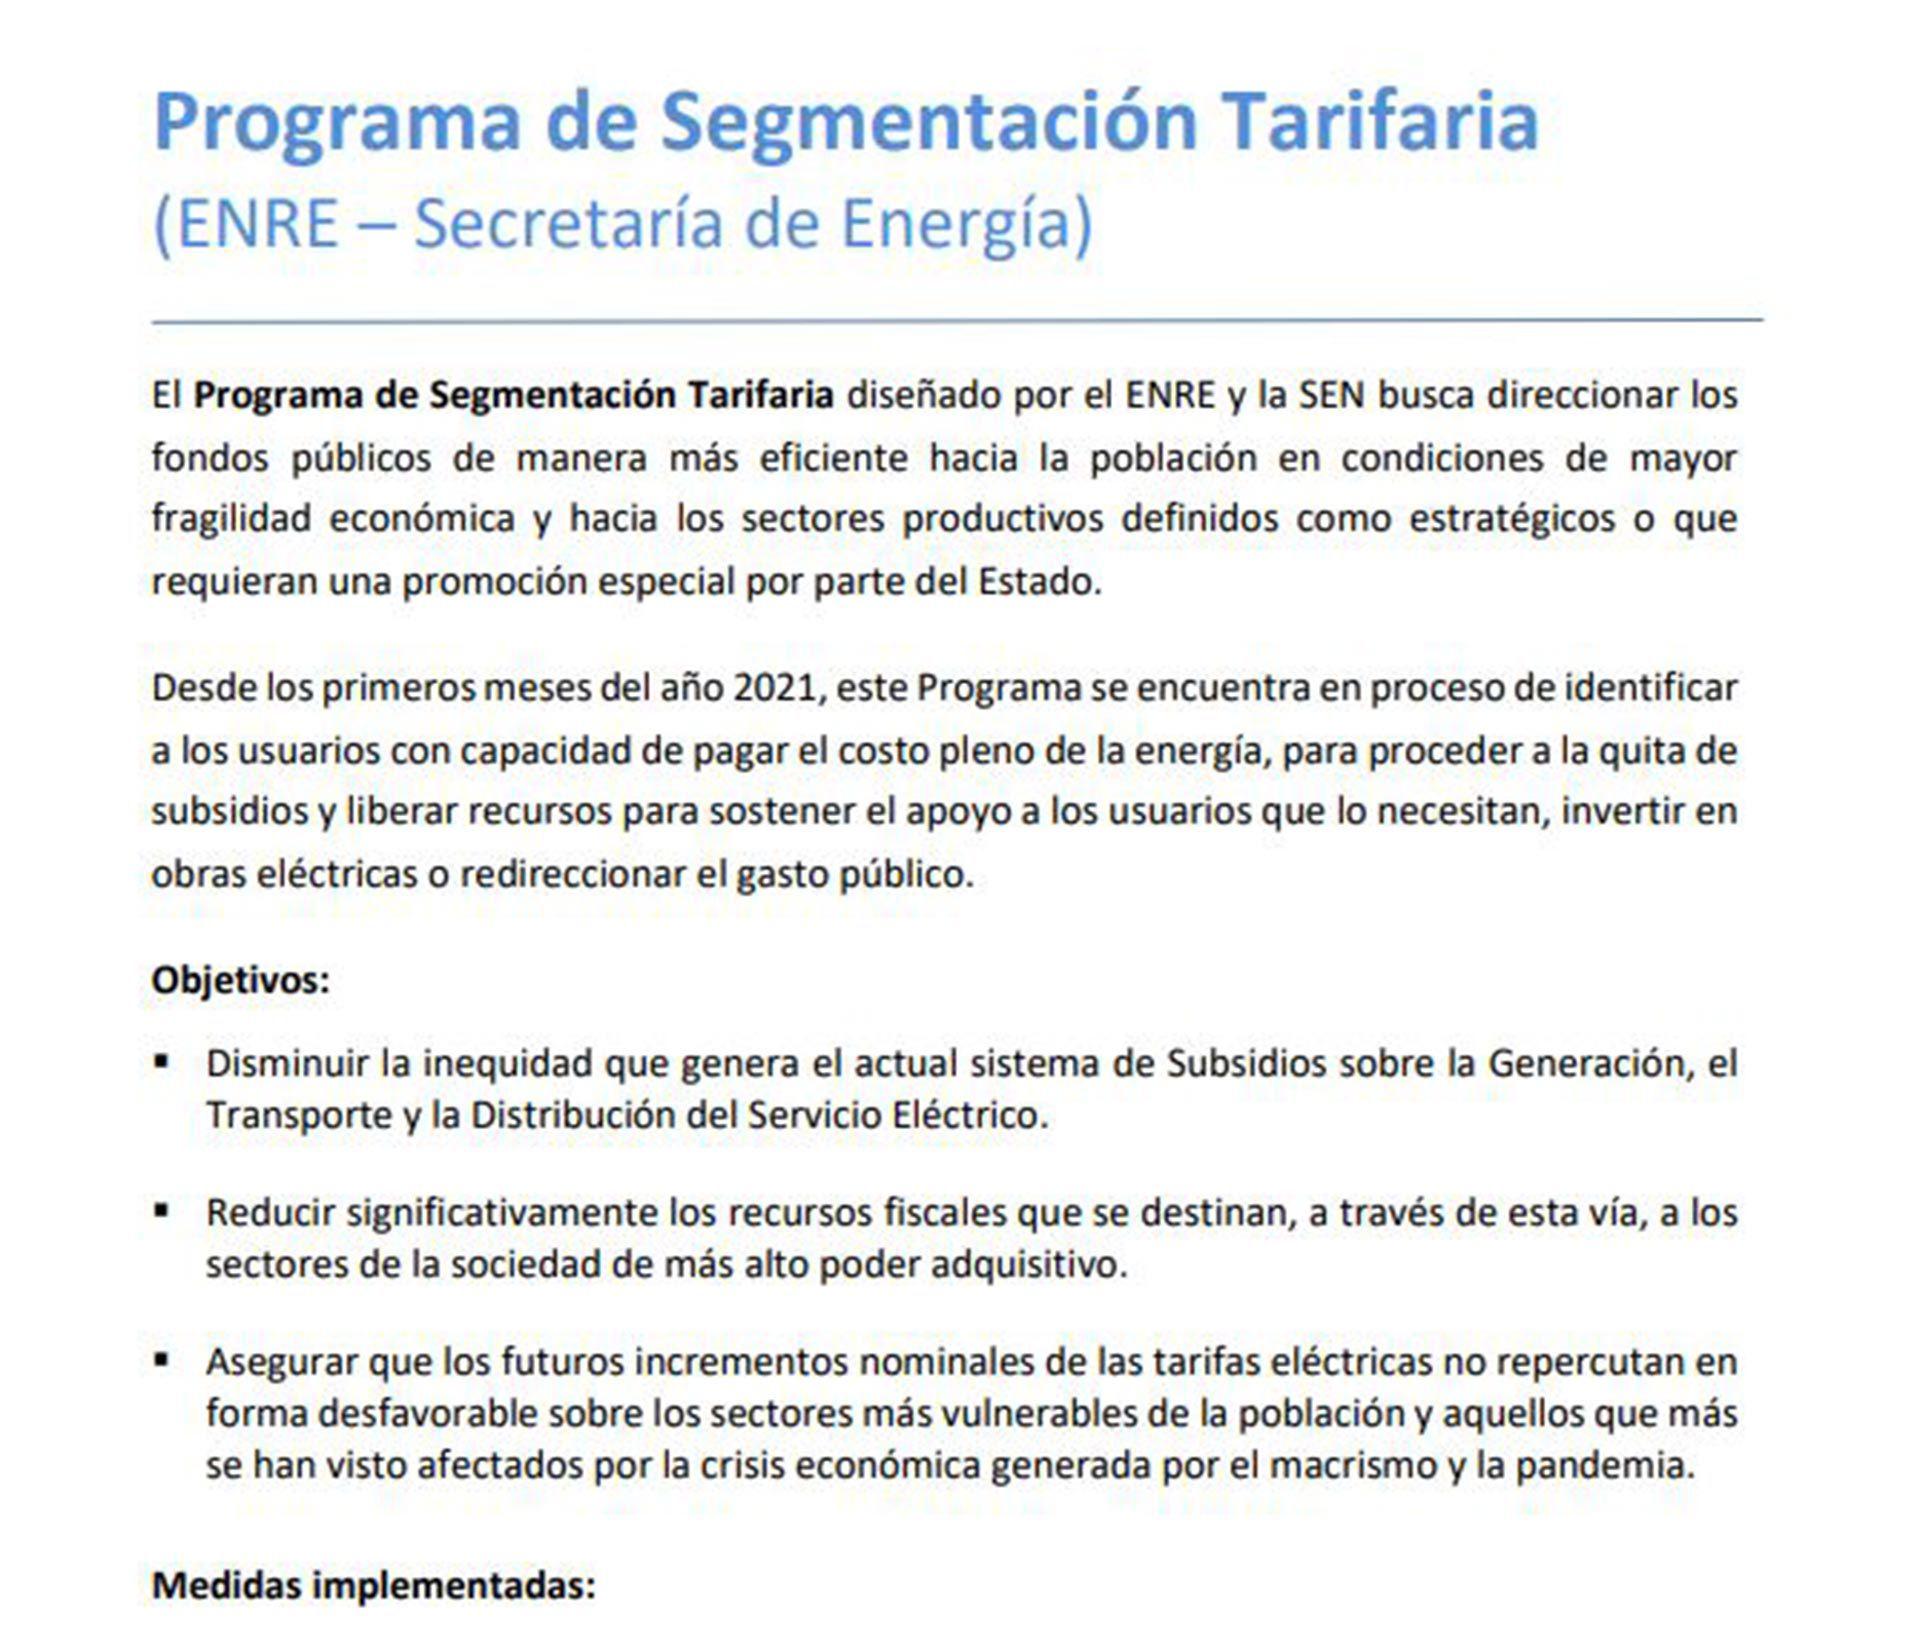 Programa de segmentación tarifaria SF